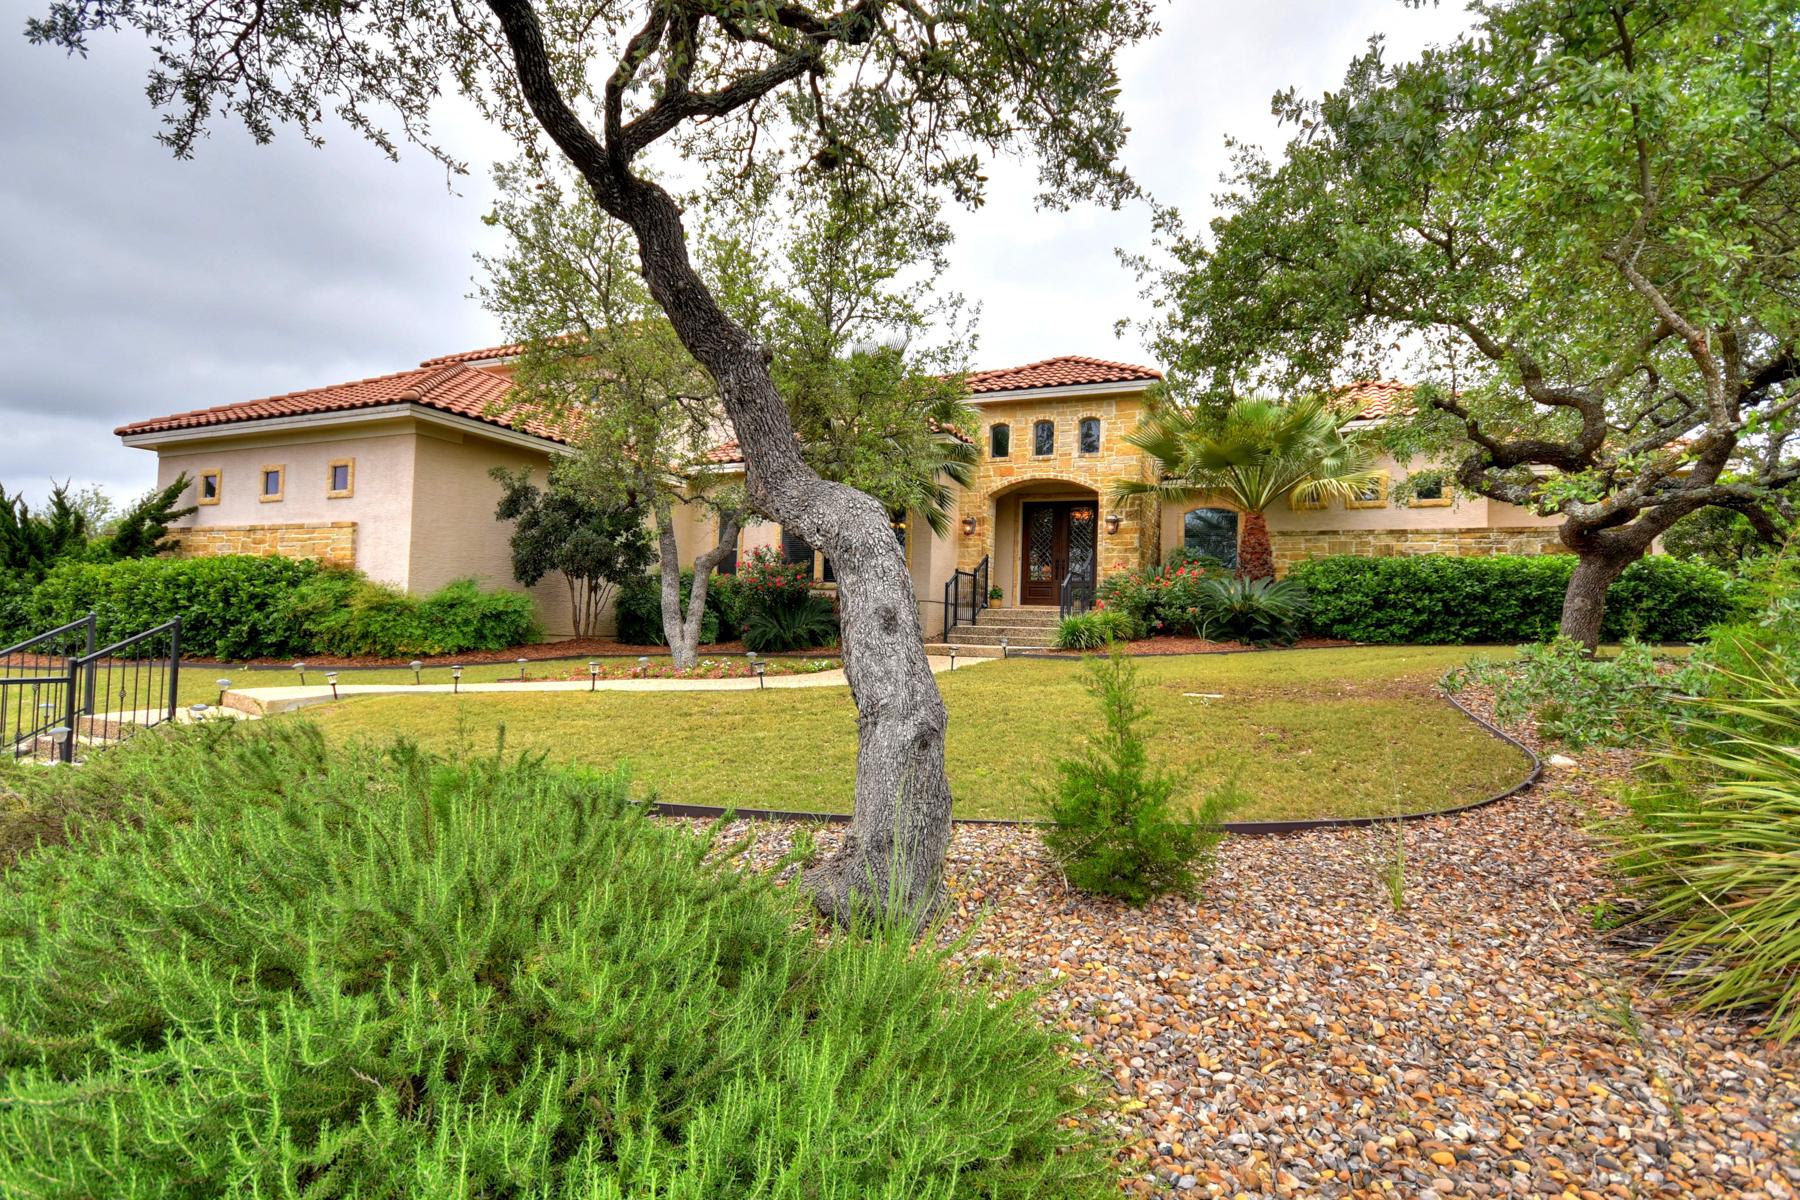 Maison unifamiliale pour l Vente à Impeccable Home in Tuscany Hills 47 Cabernet San Antonio, Texas, 78258 États-Unis